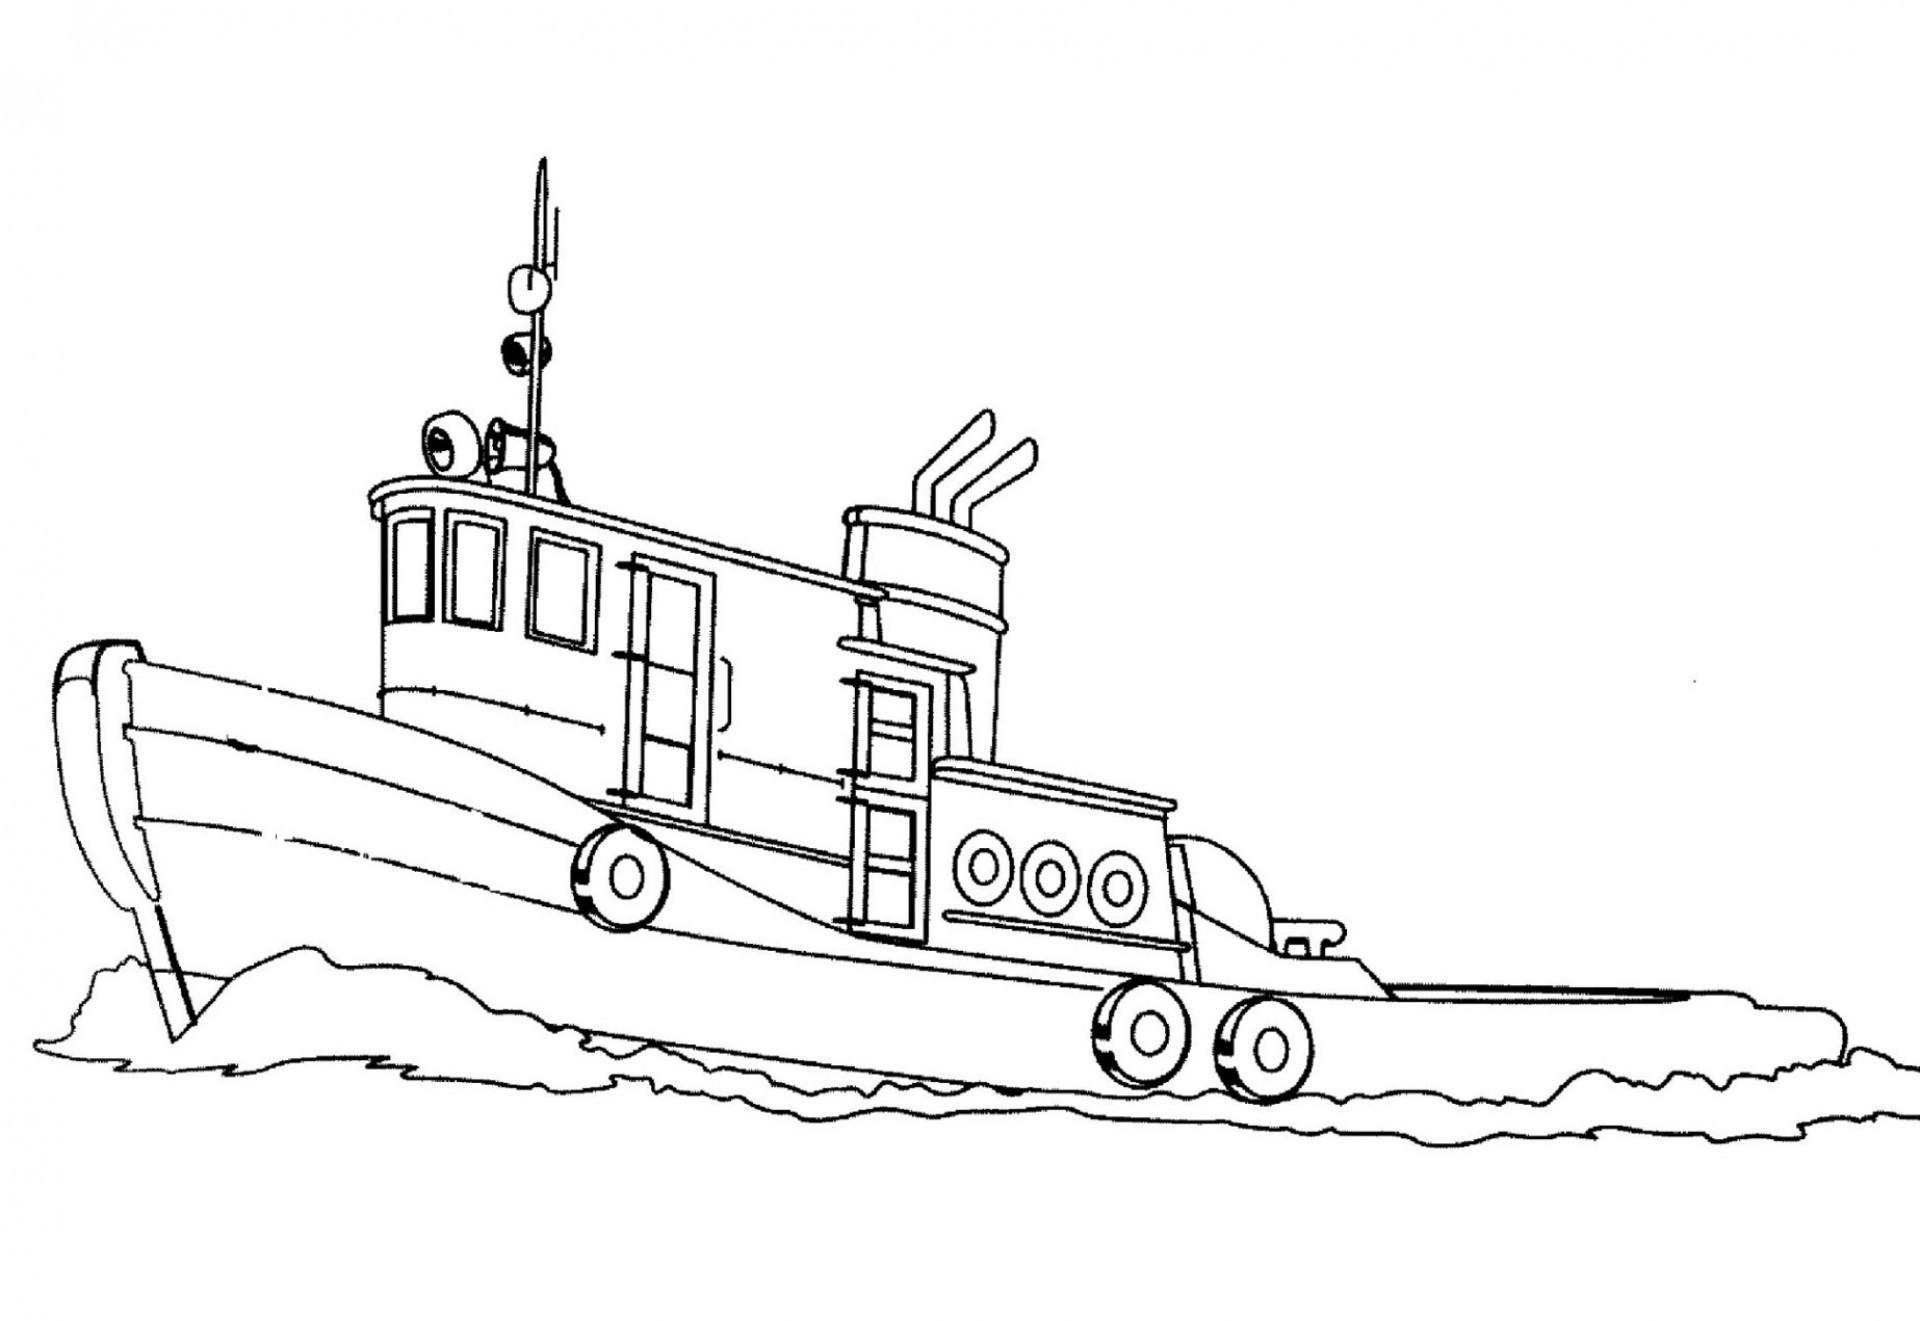 Ausmalbilder U Boot Inspirierend Malvorlagen U Boot Kostenlos My Blog Innen Ausmalbilder Neu Bild